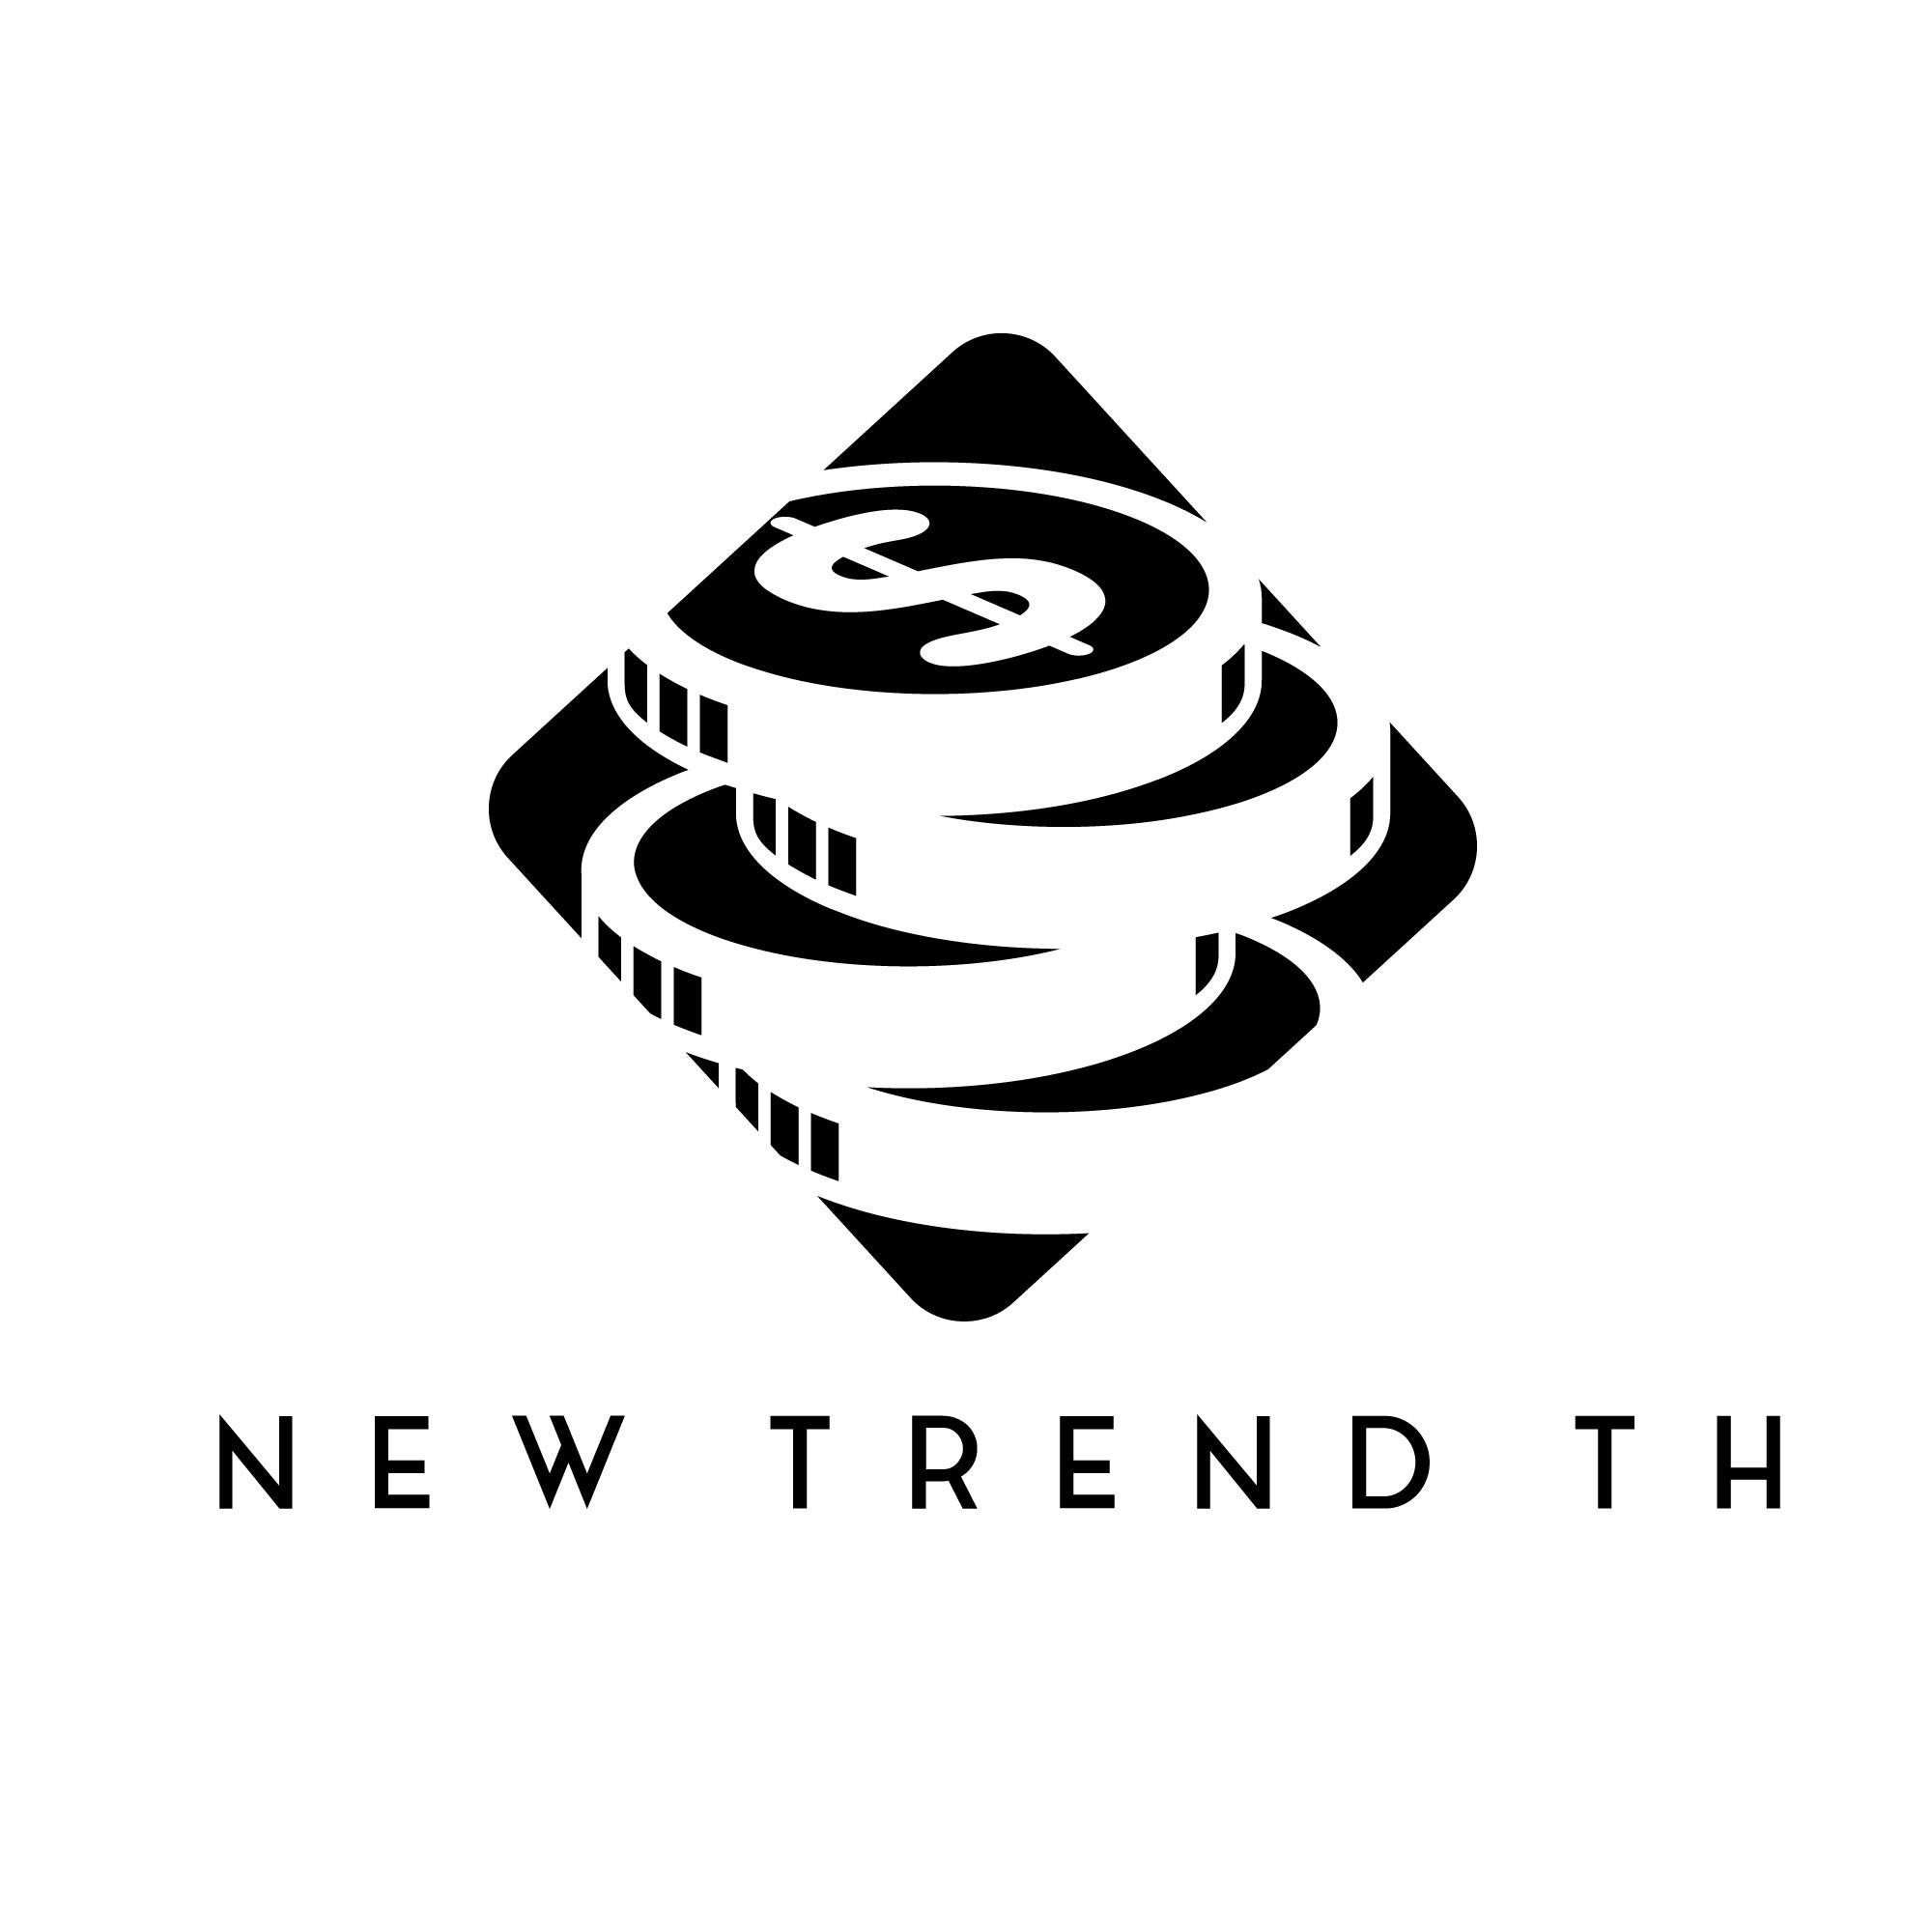 NewTrendTH